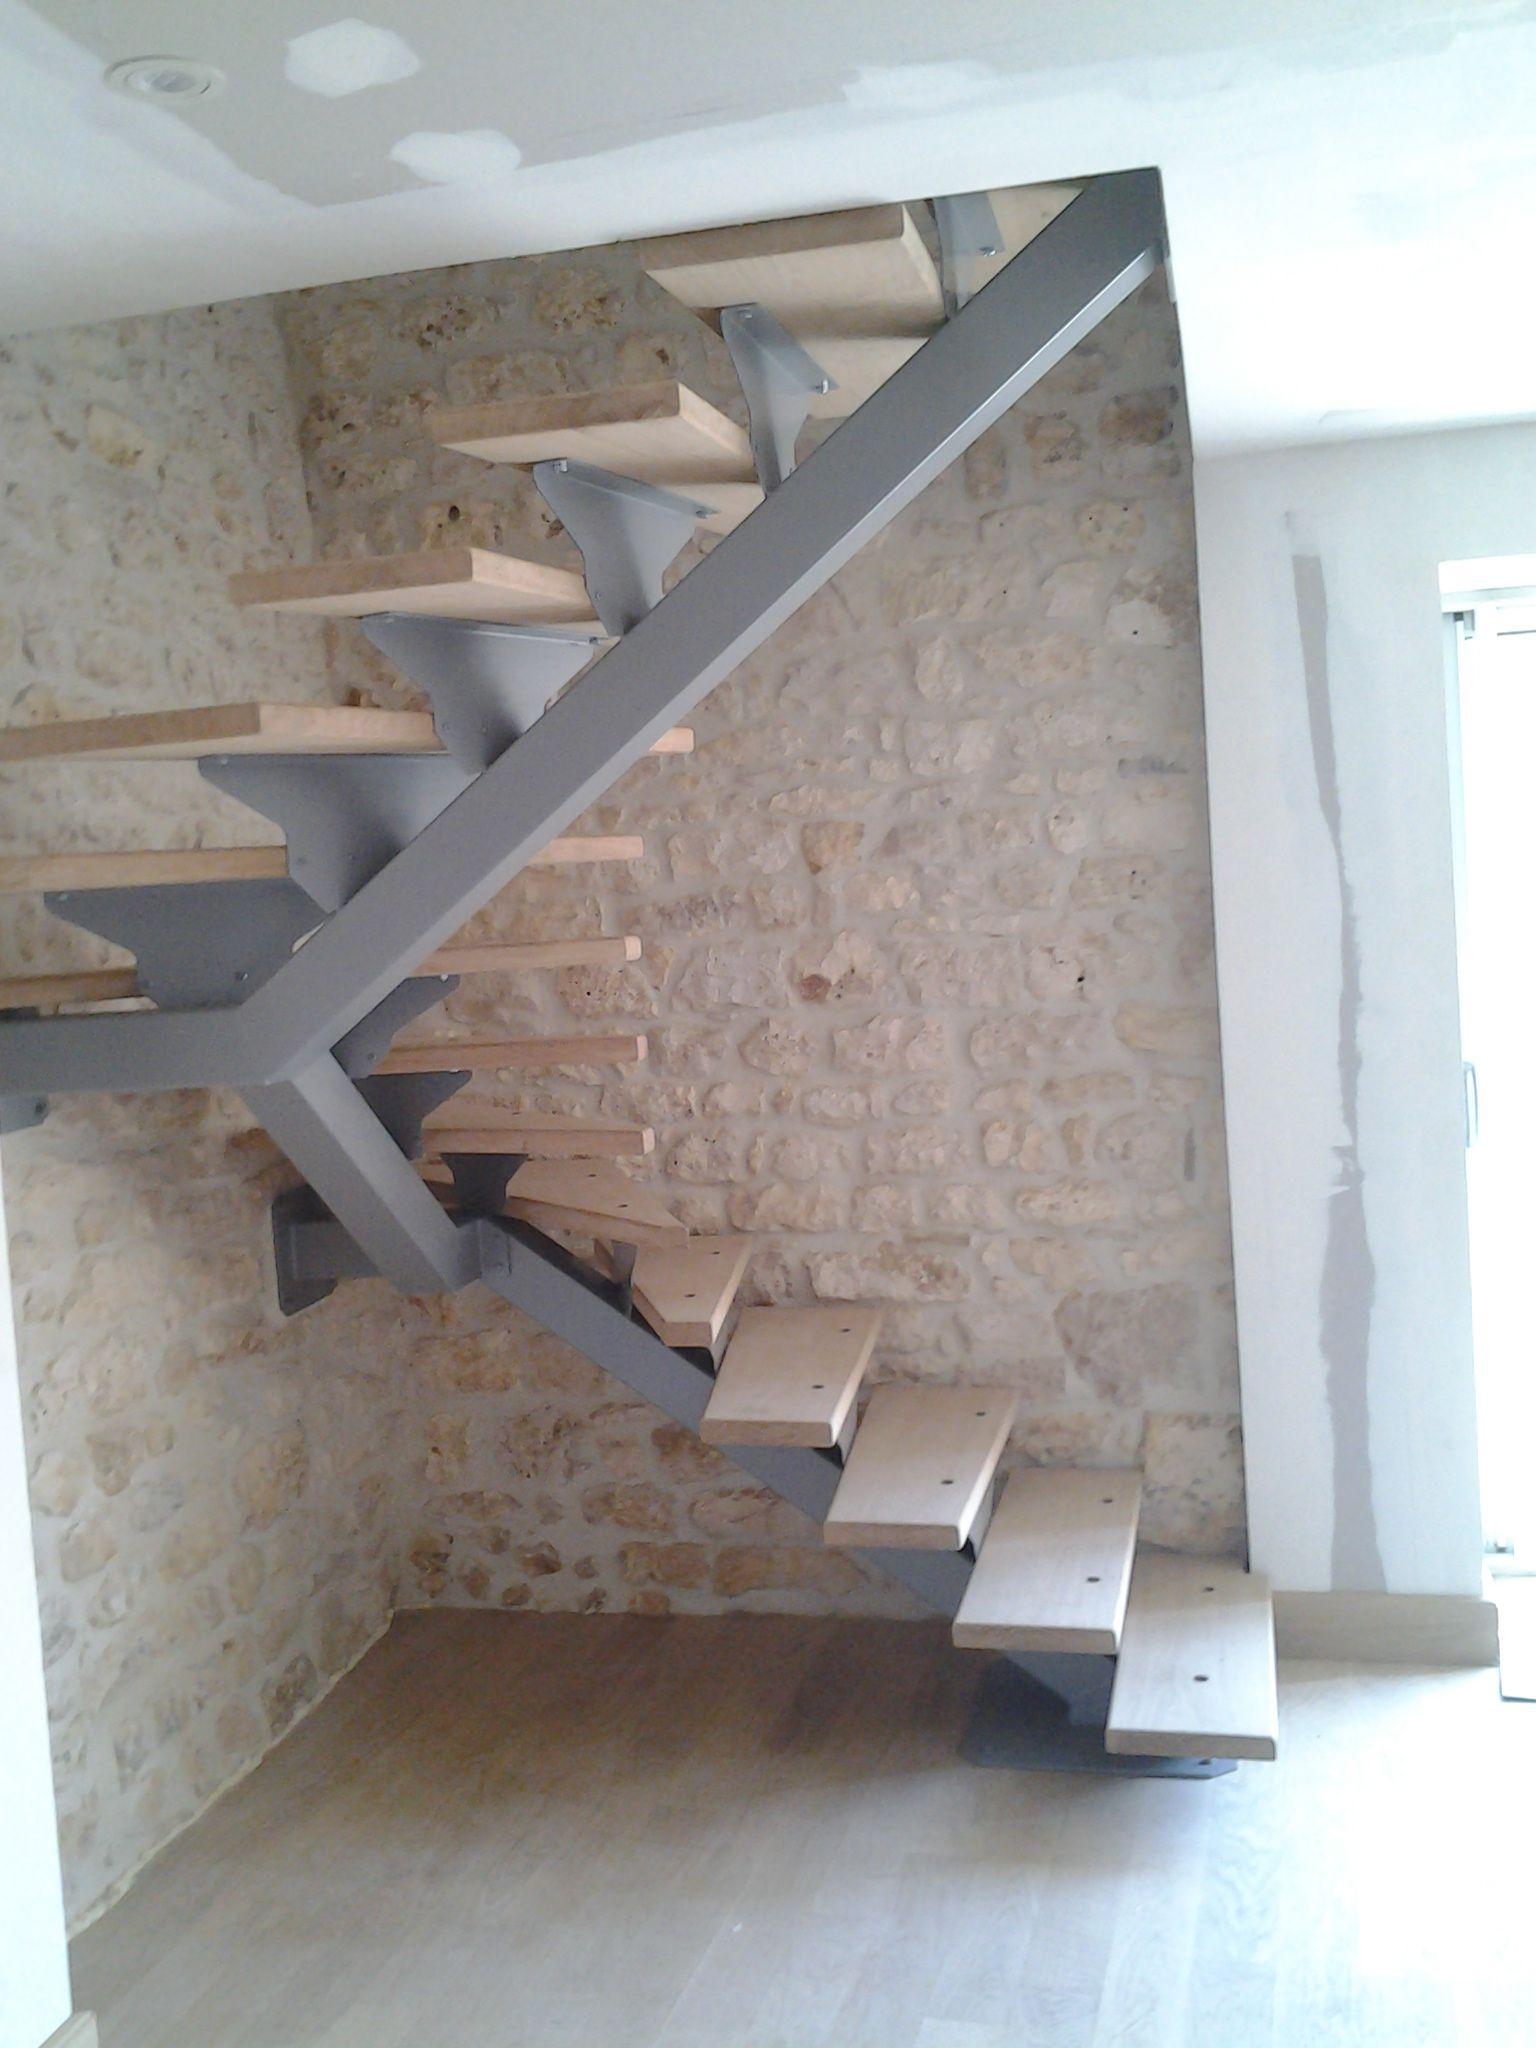 Wunderschön Dachausbau Ideen Dekoration Von Bau, Dachgeschosse, Keller Ideen, Stiegen, Treppen, Wohnen,